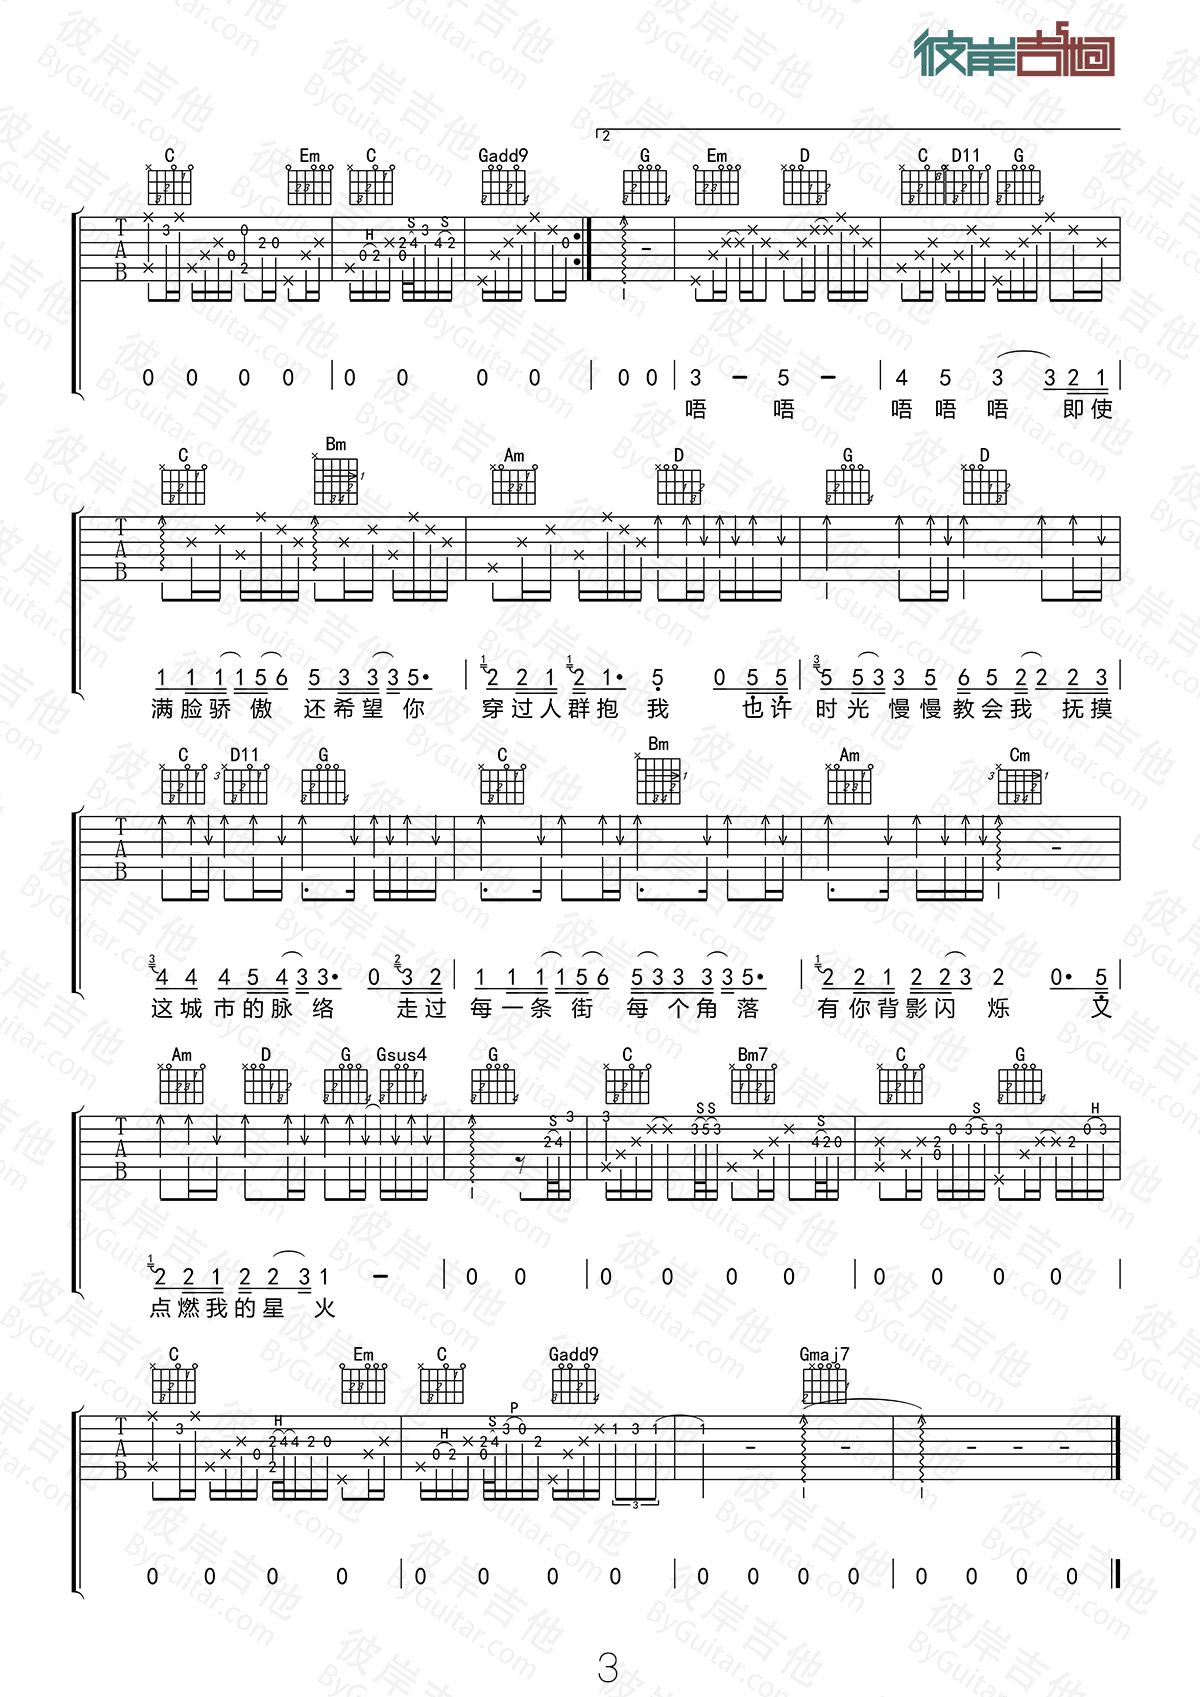 冷漠和杨小曼的歌_星火吉他谱 洪乐团-彼岸吉他 - 一站式吉他爱好者服务平台